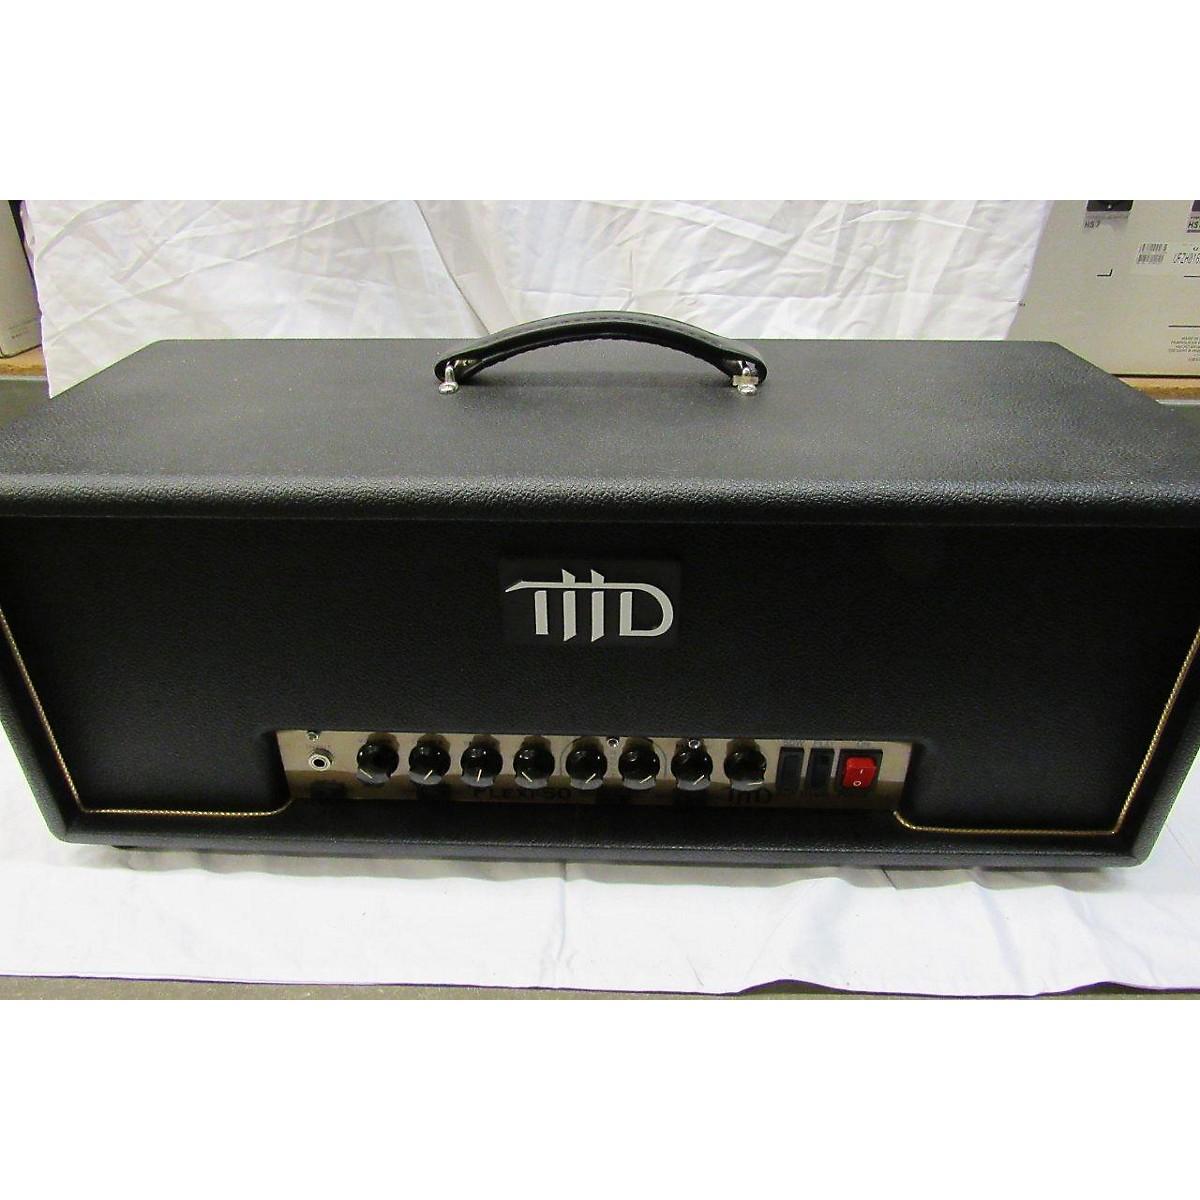 THD FLEXI Tube Guitar Amp Head